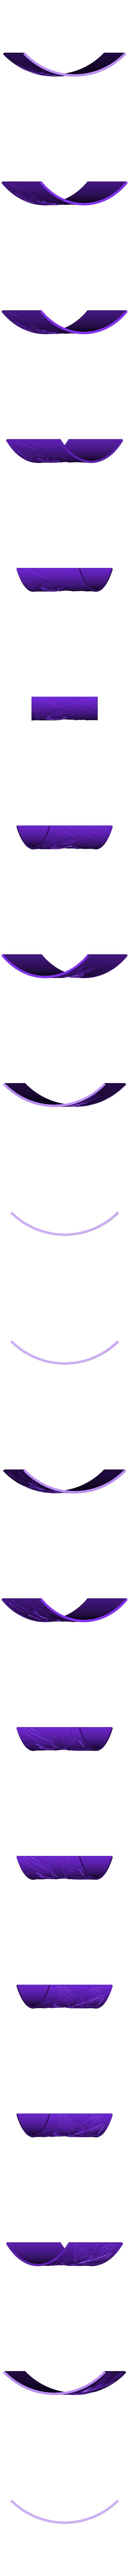 Lithophane Desert Rose_v2.stl Télécharger fichier STL gratuit Lithophane Desert Rose v2 • Design pour impression 3D, c47